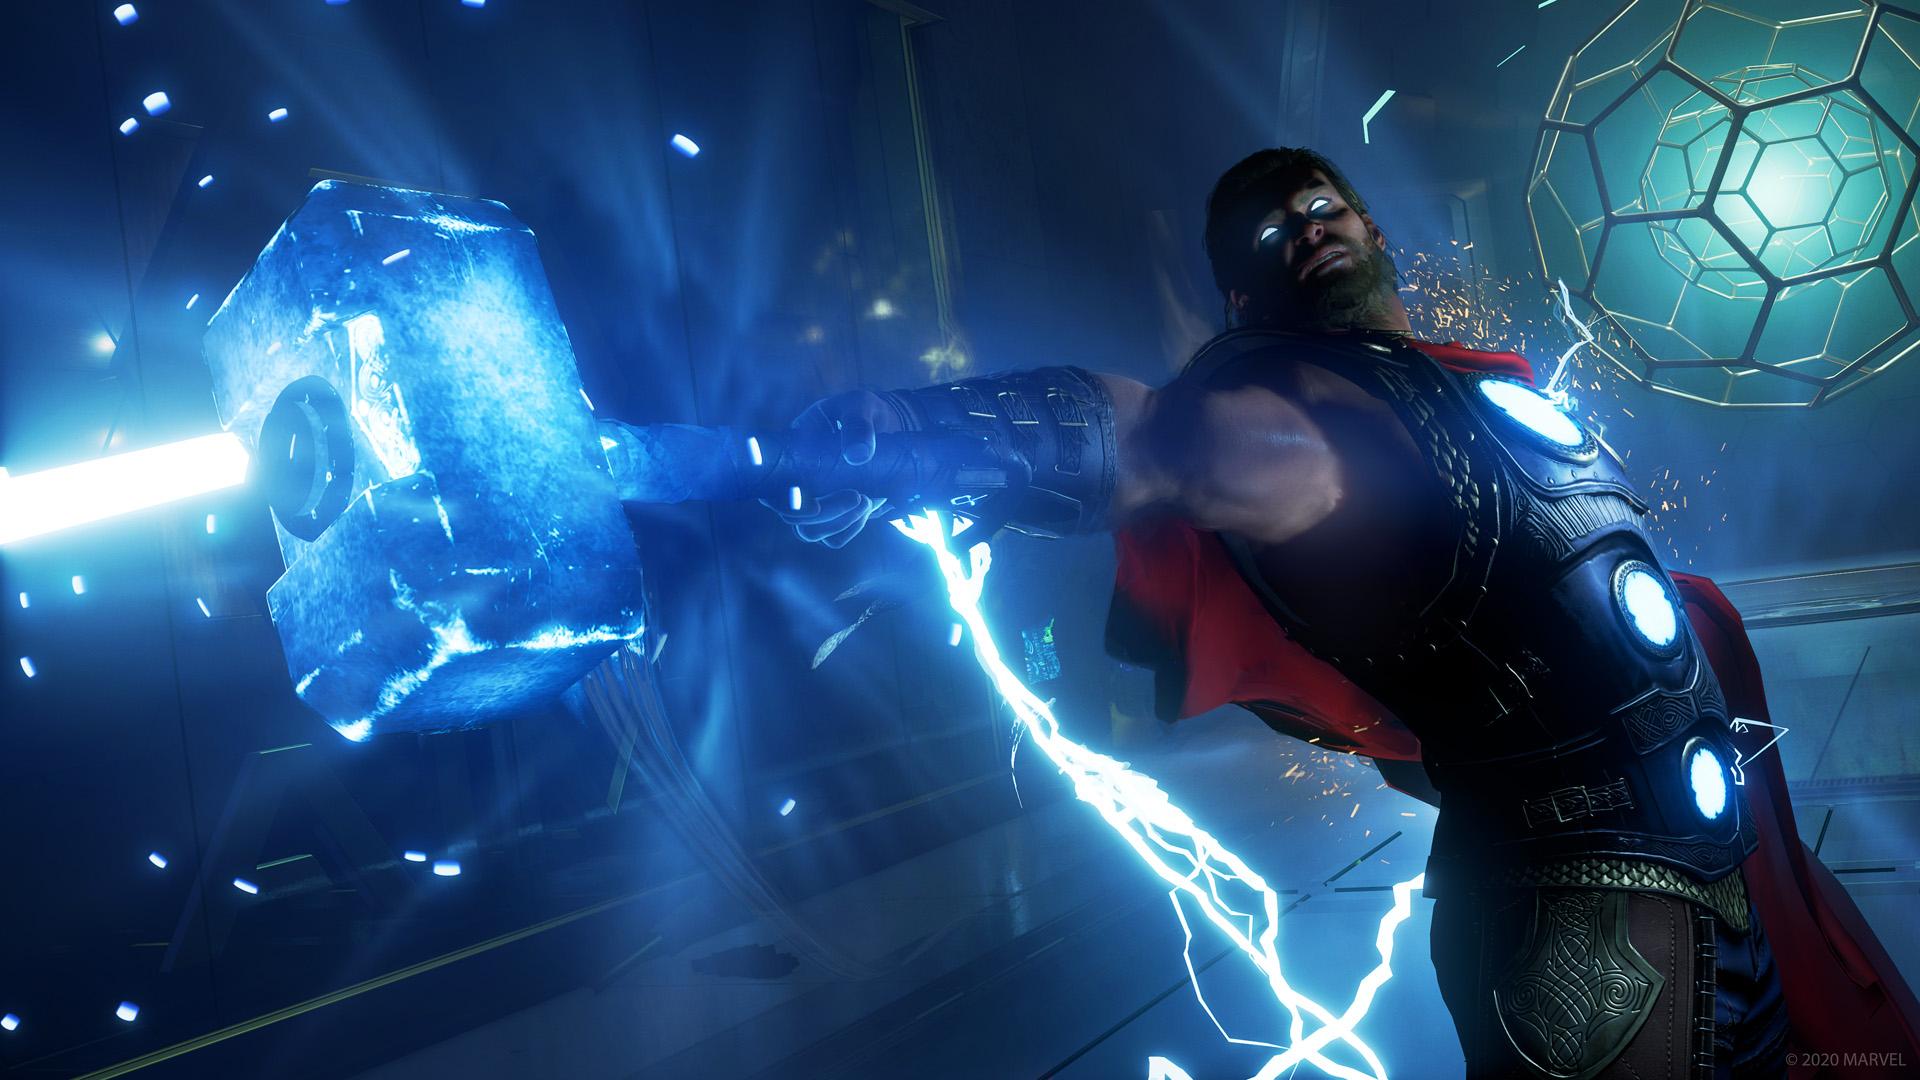 marvels avengers game thor wallpaper 74168